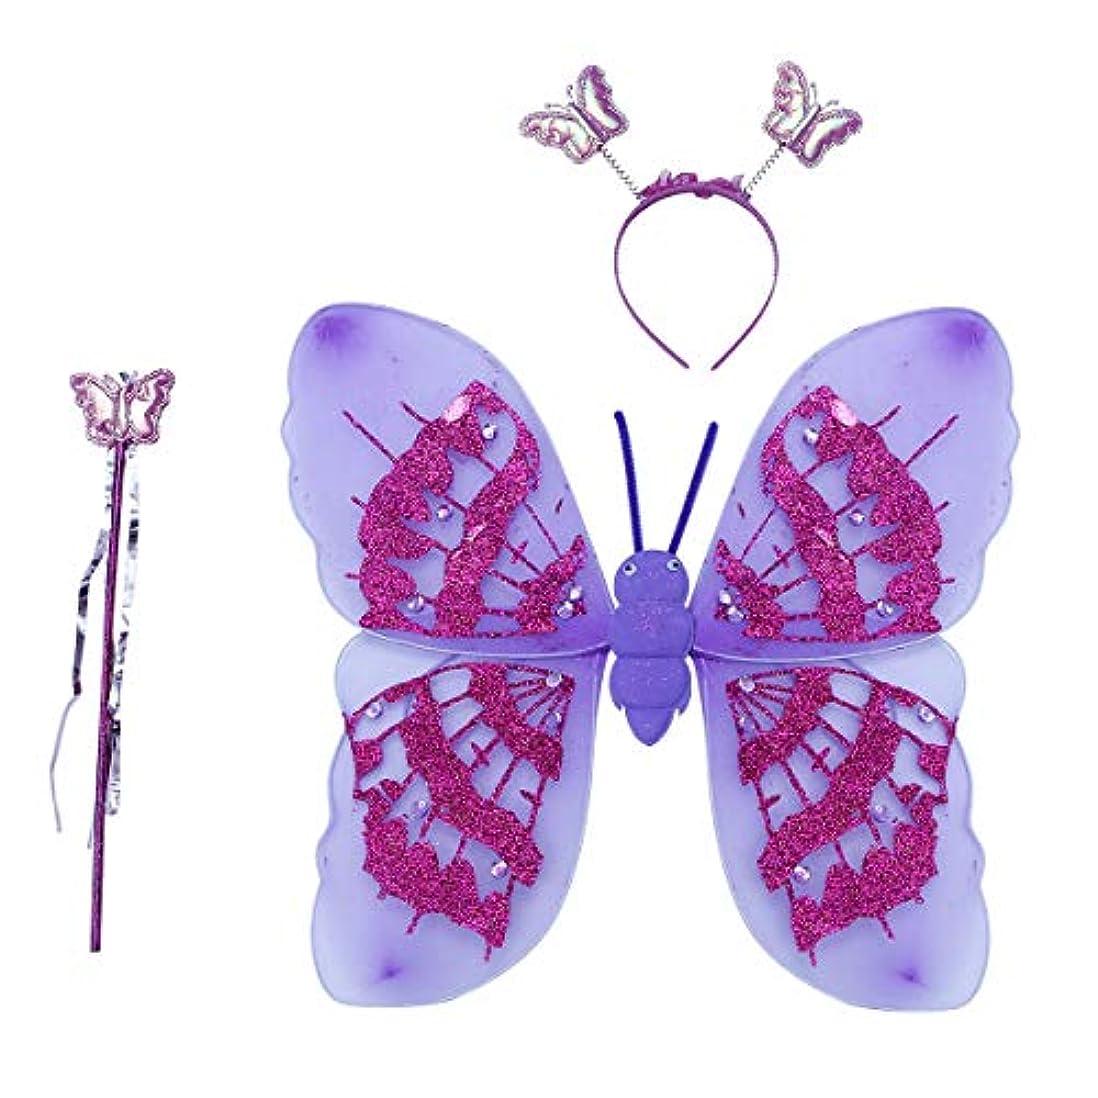 ティーンエイジャーライトニング示すBESTOYARD ガールズフェアリーバタフライウィングスコスチュームヘアバンドフェアリーワンドパフォーマンスコスチュームセットパーティーコスチュームセット(3pcs、Purple)